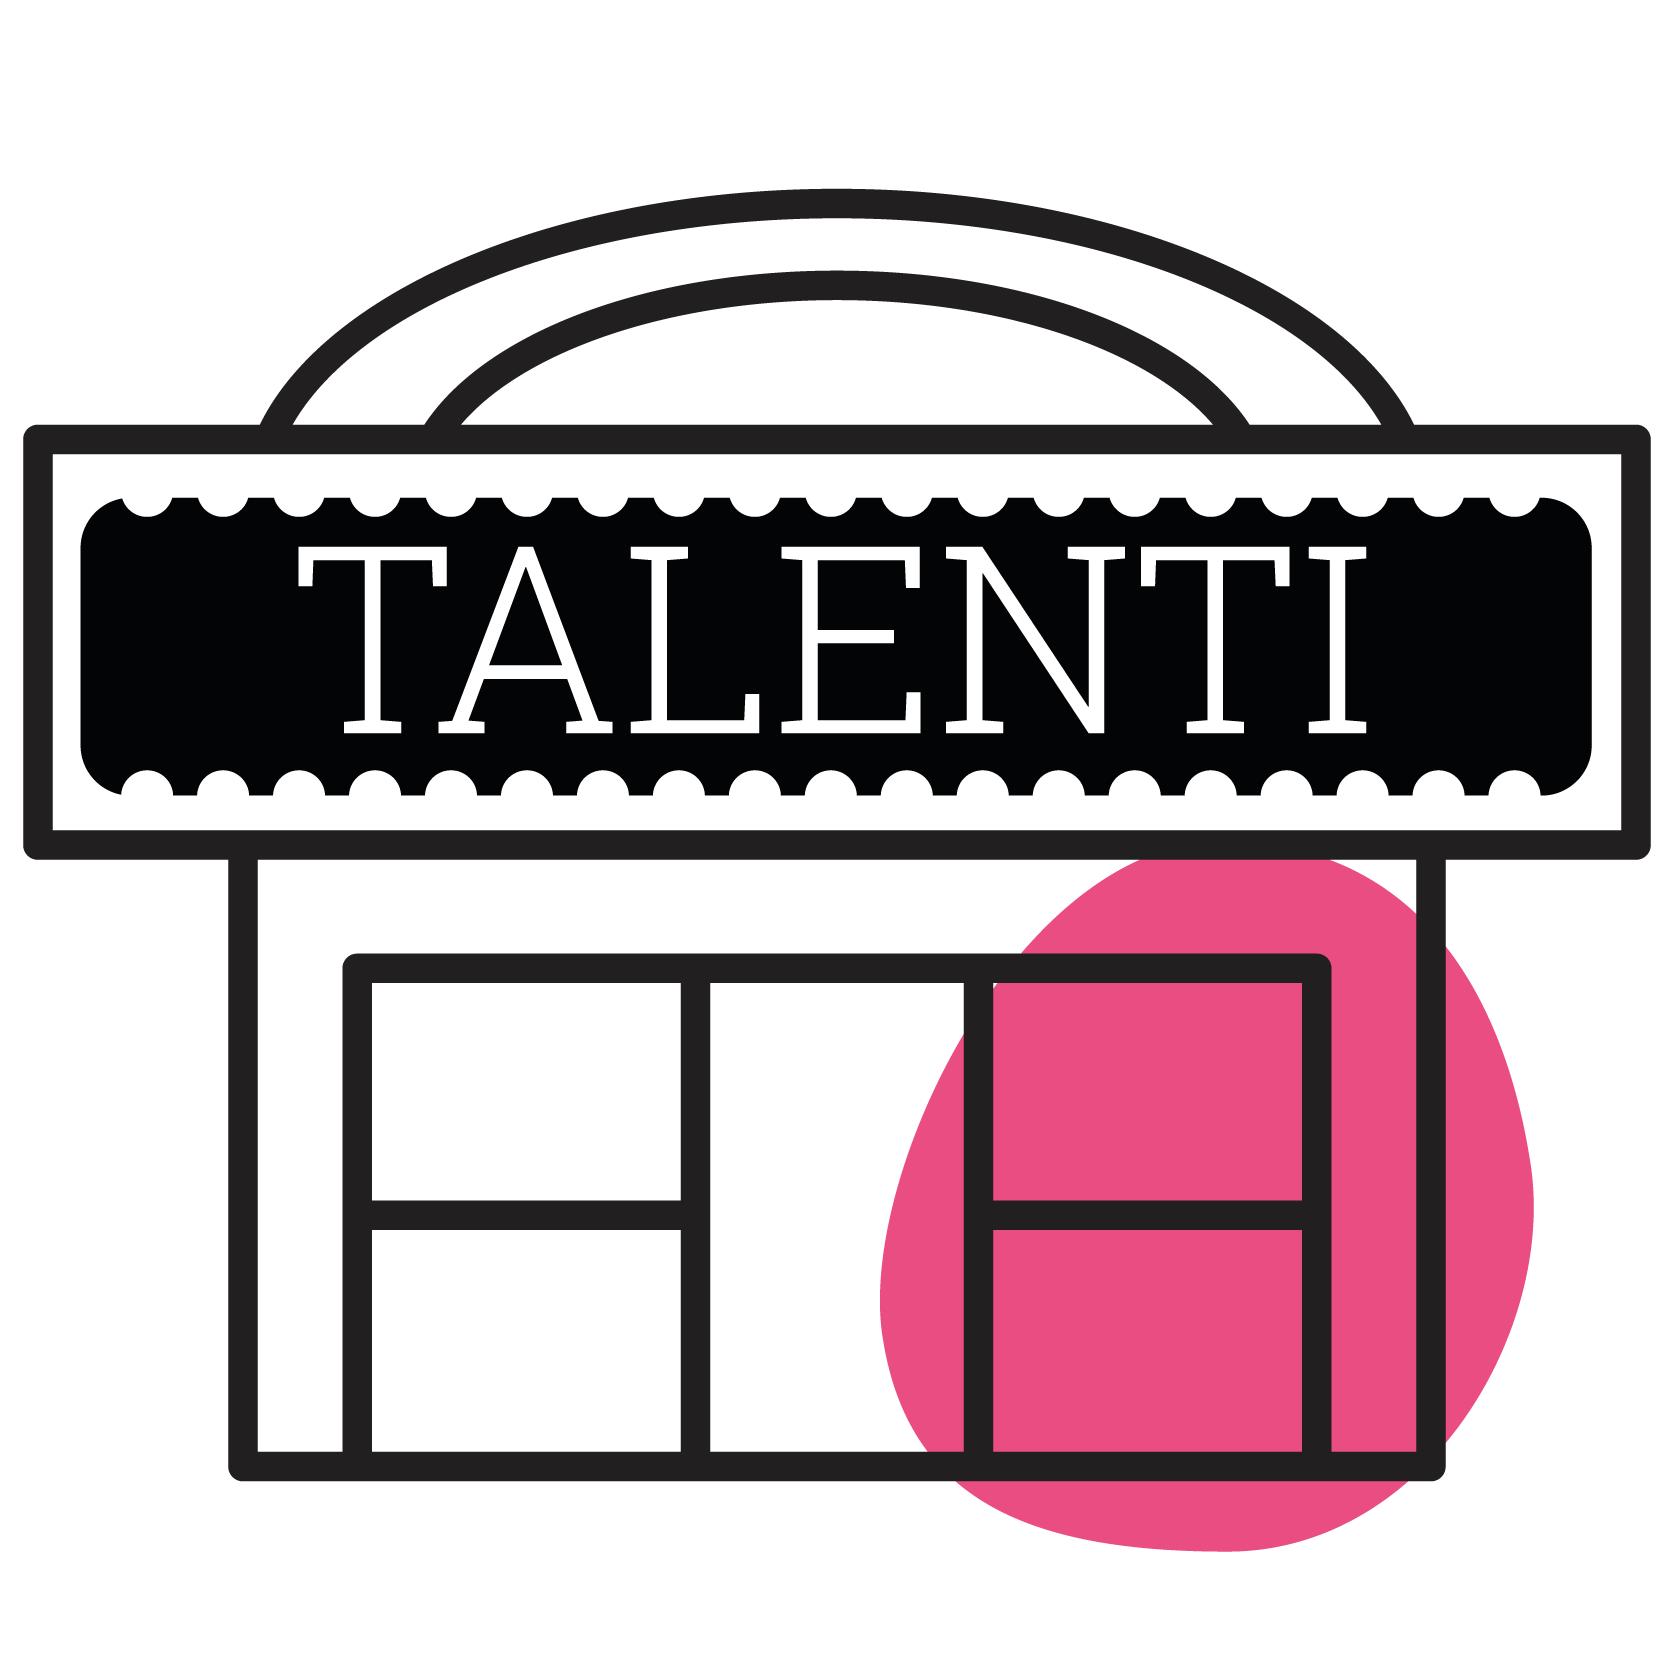 mercato talenti roma